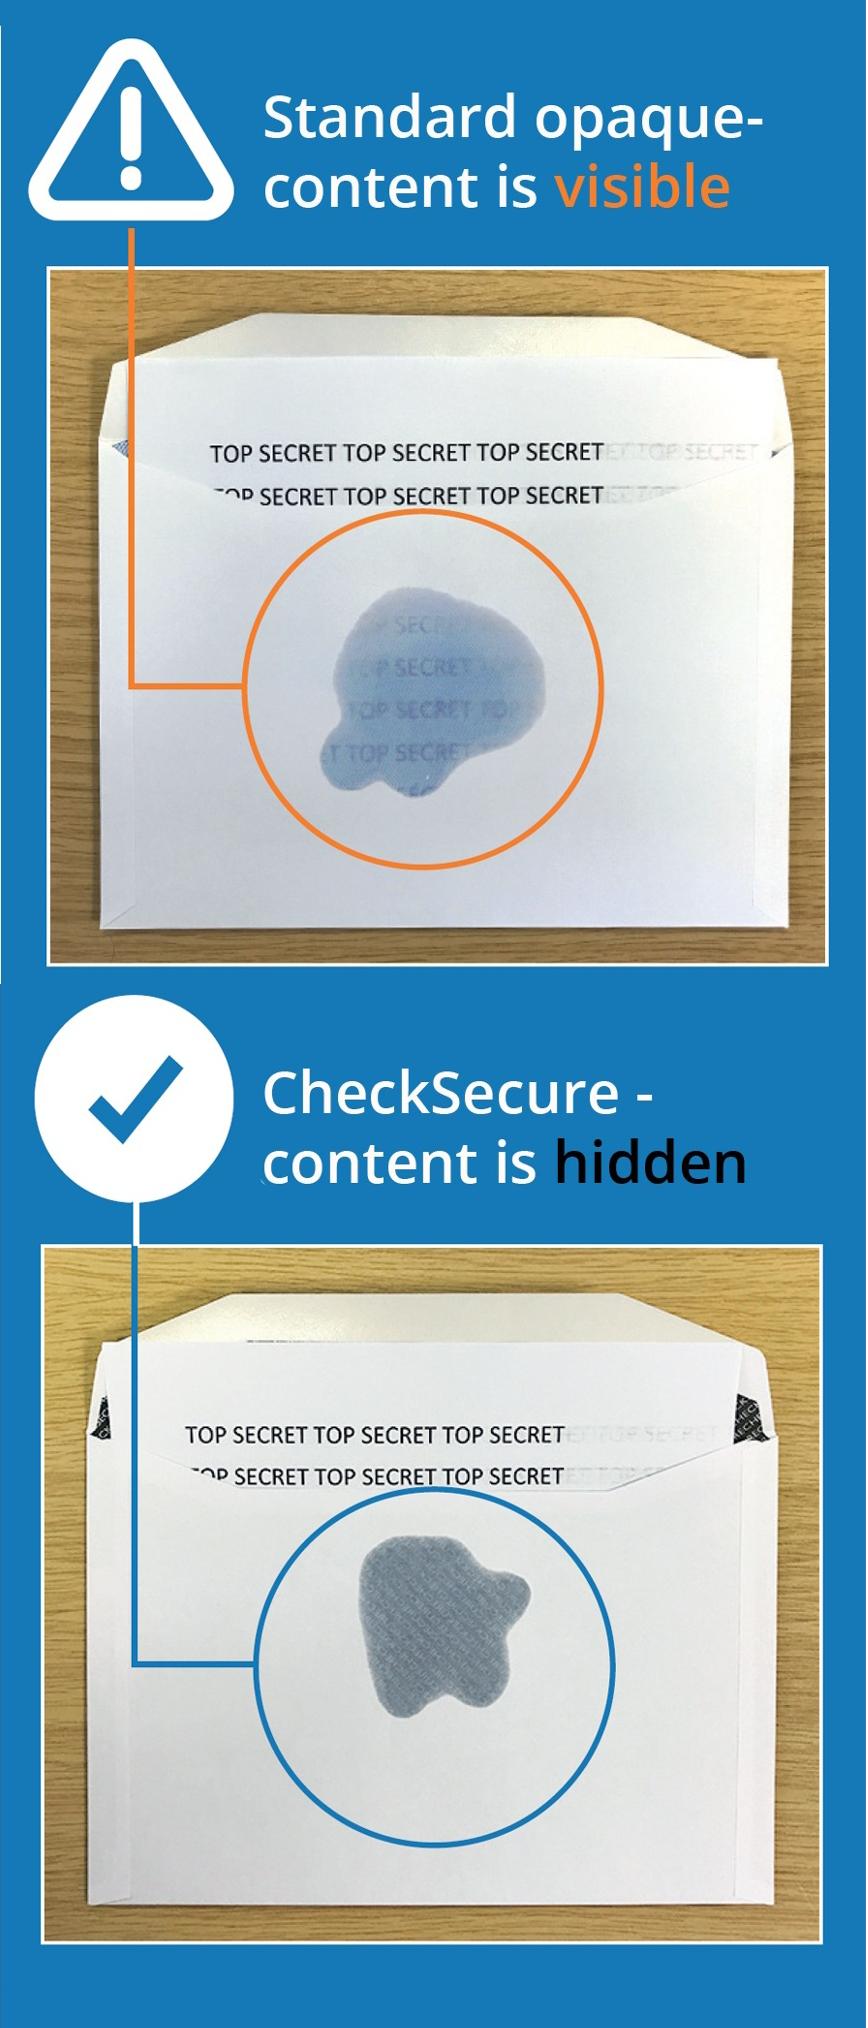 envelope_fraud_image_vertical